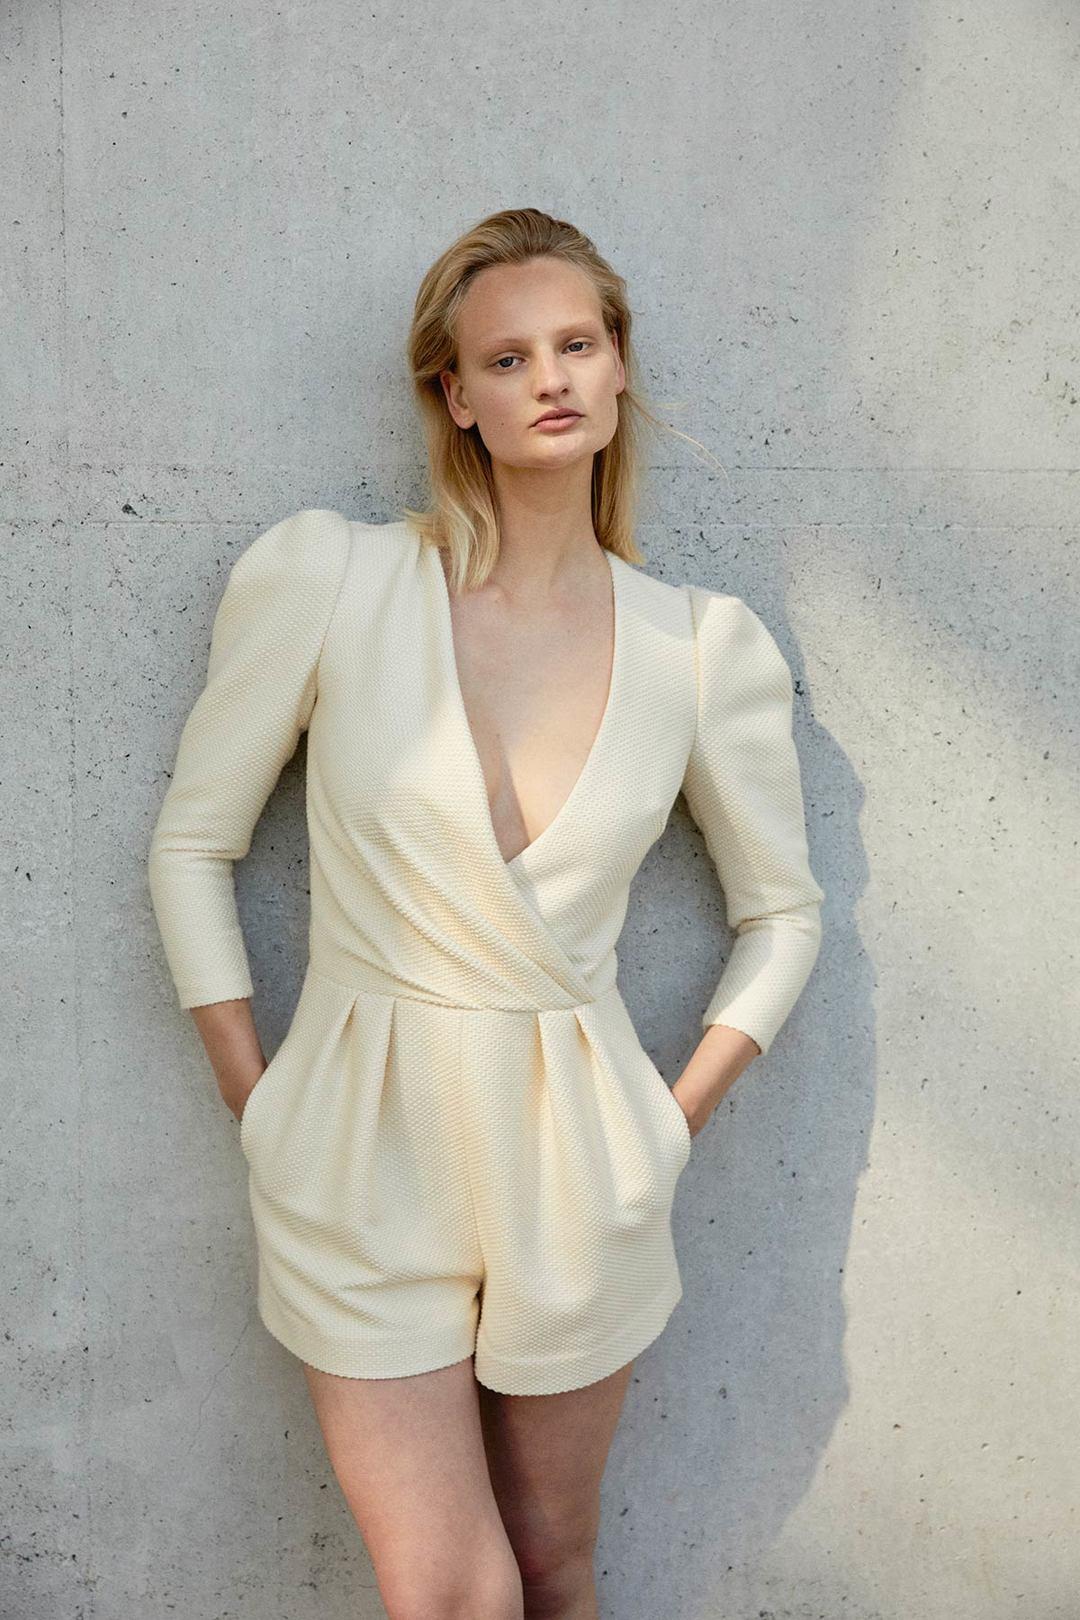 amal jumpsuit dress photo